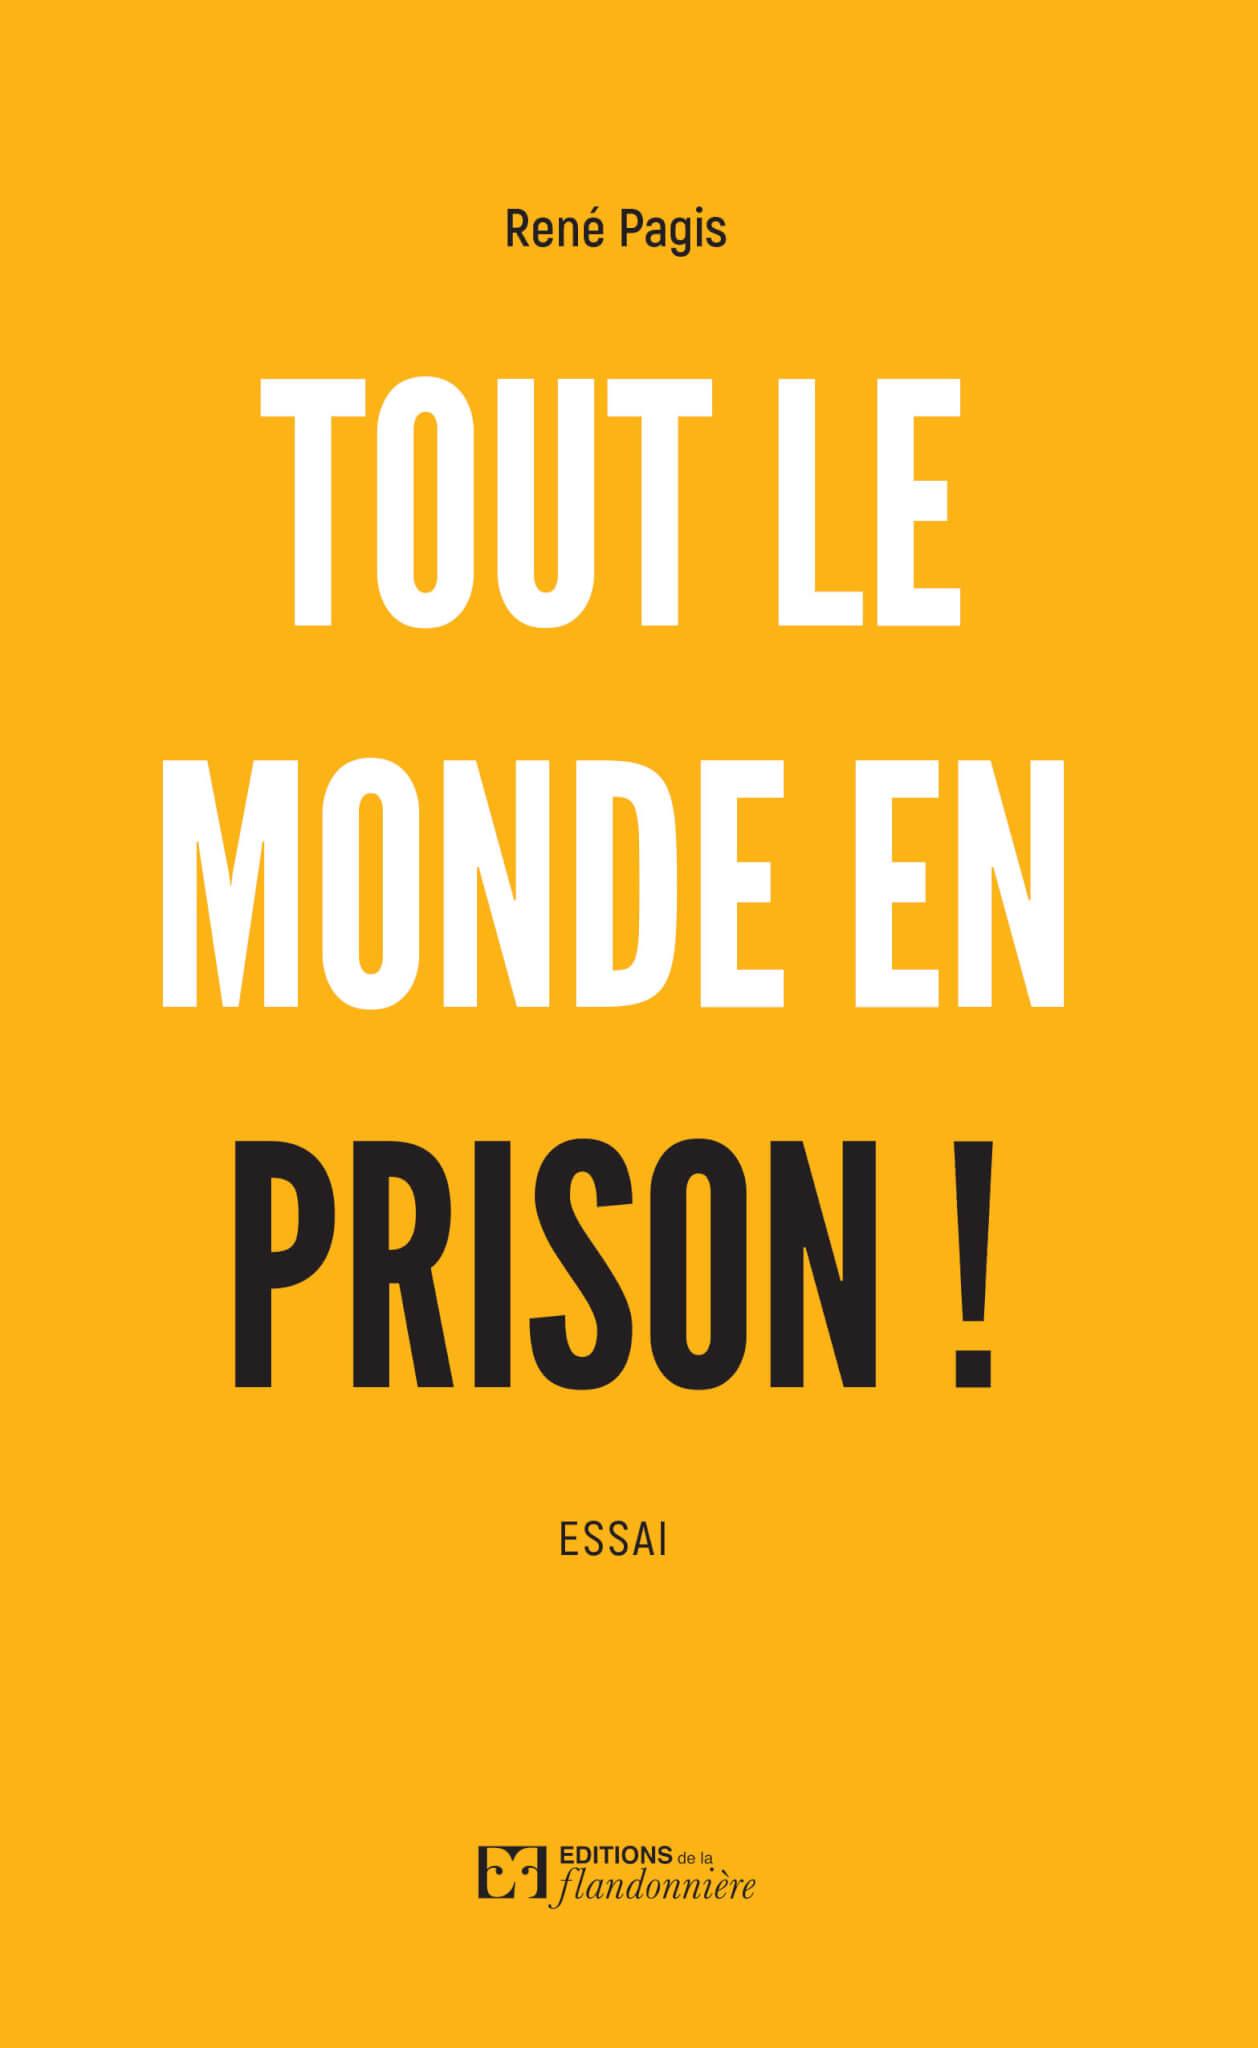 Livre : Tout le monde en prison !